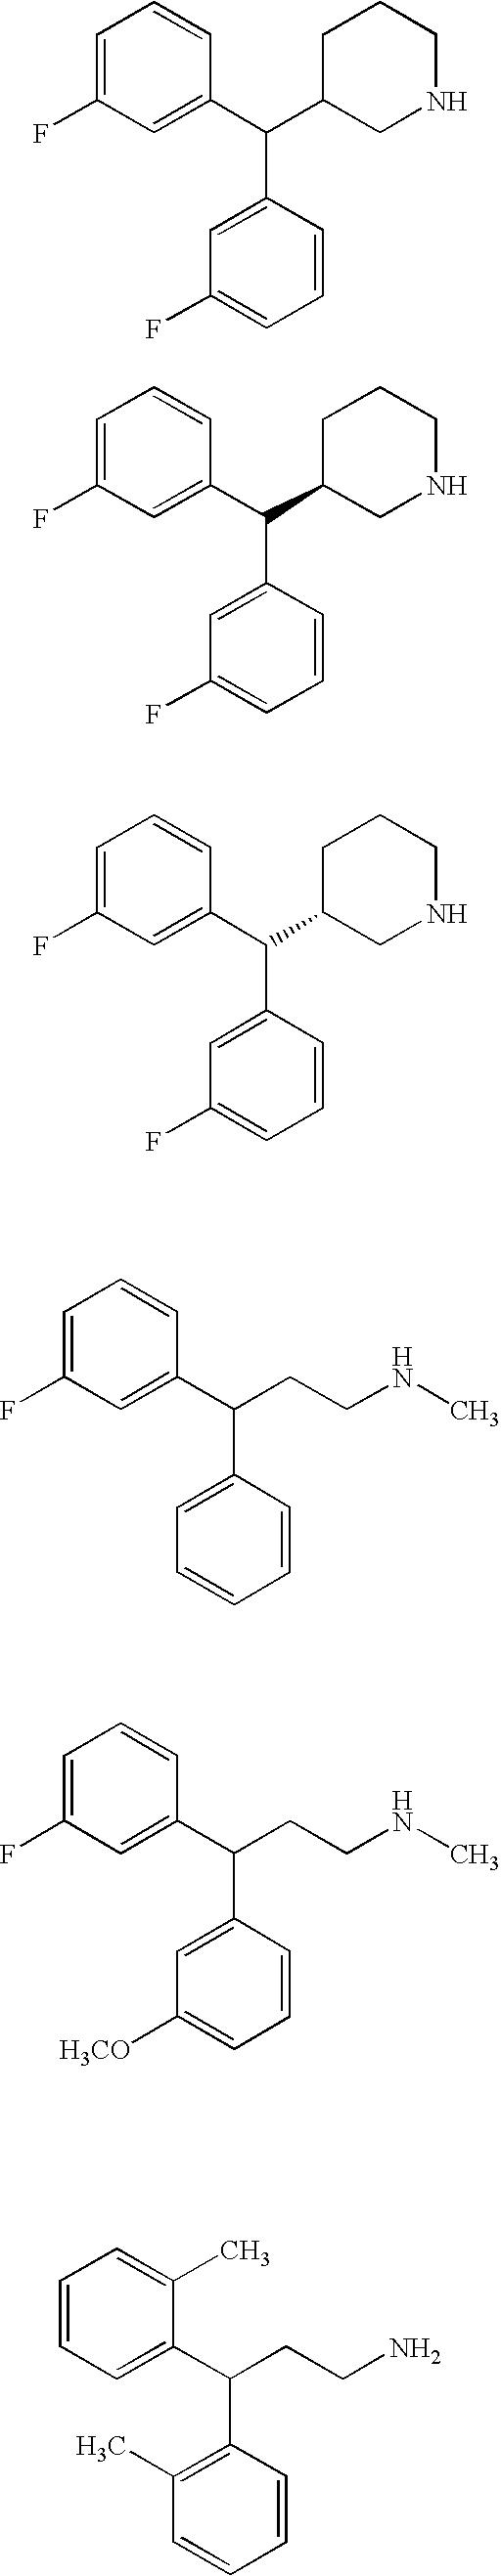 Figure US20050282859A1-20051222-C00030